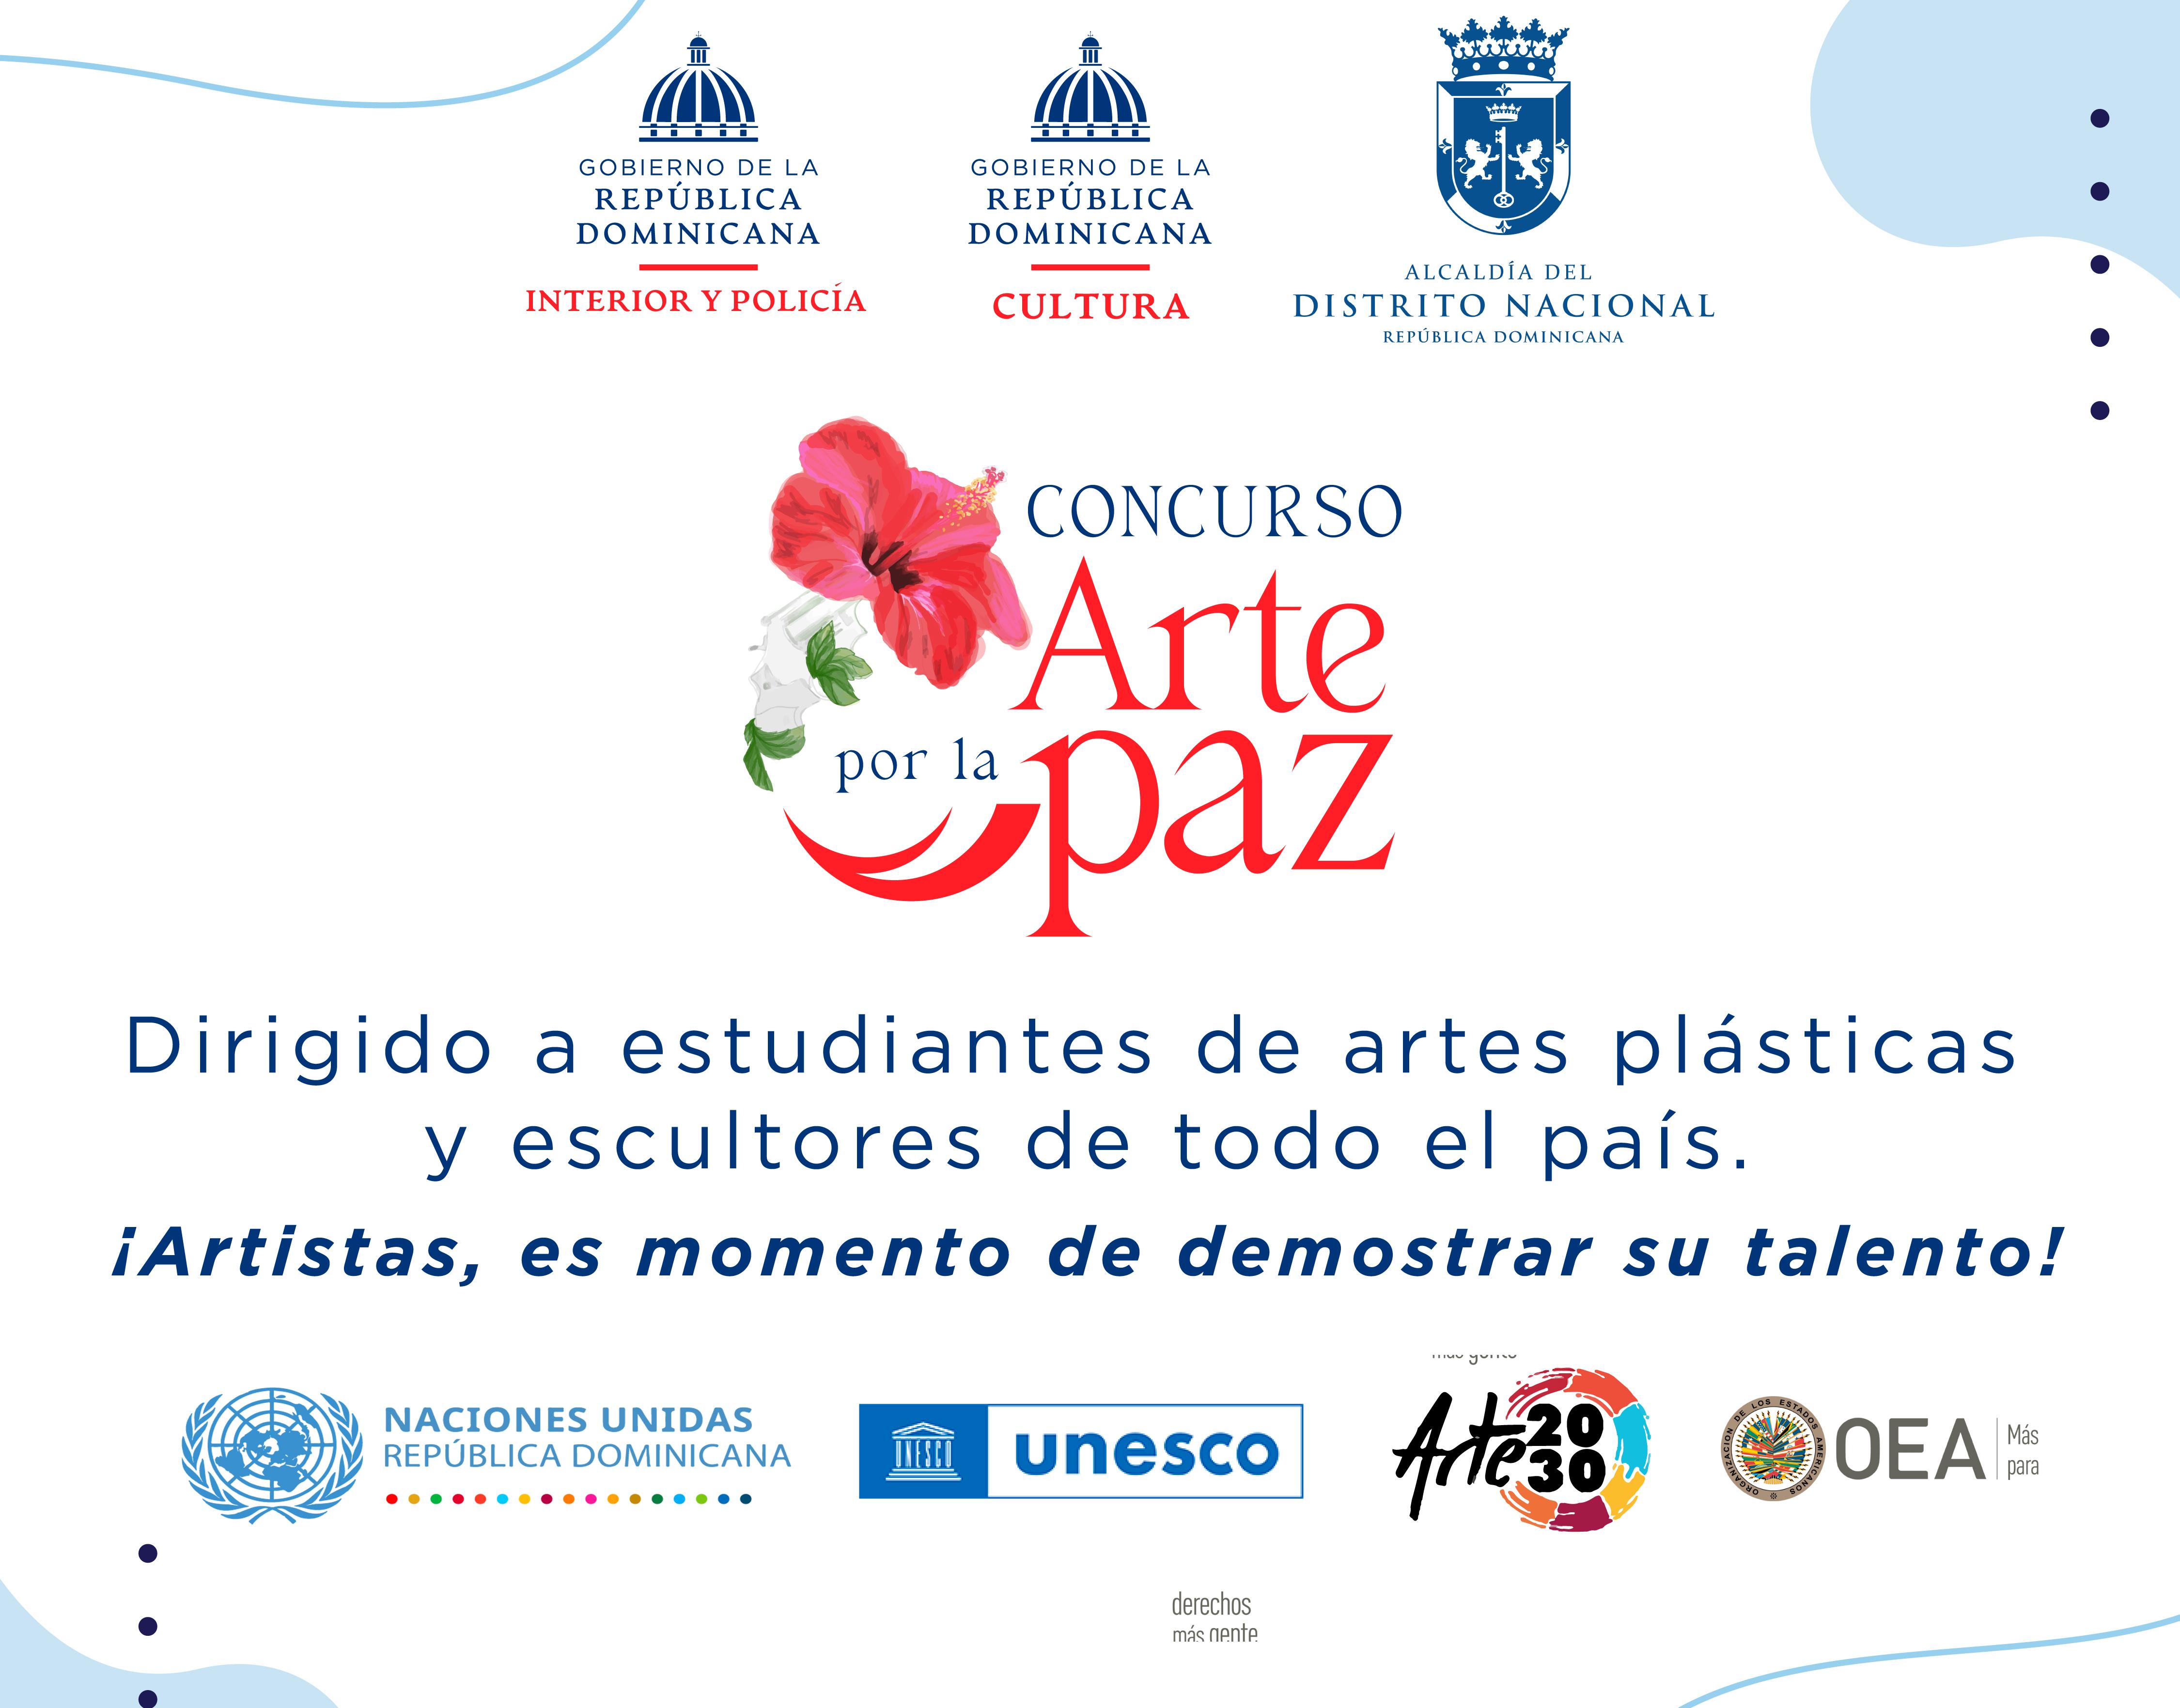 """Concurso """"Arte por la Paz"""" convoca artistas del país a presentar propuestas"""